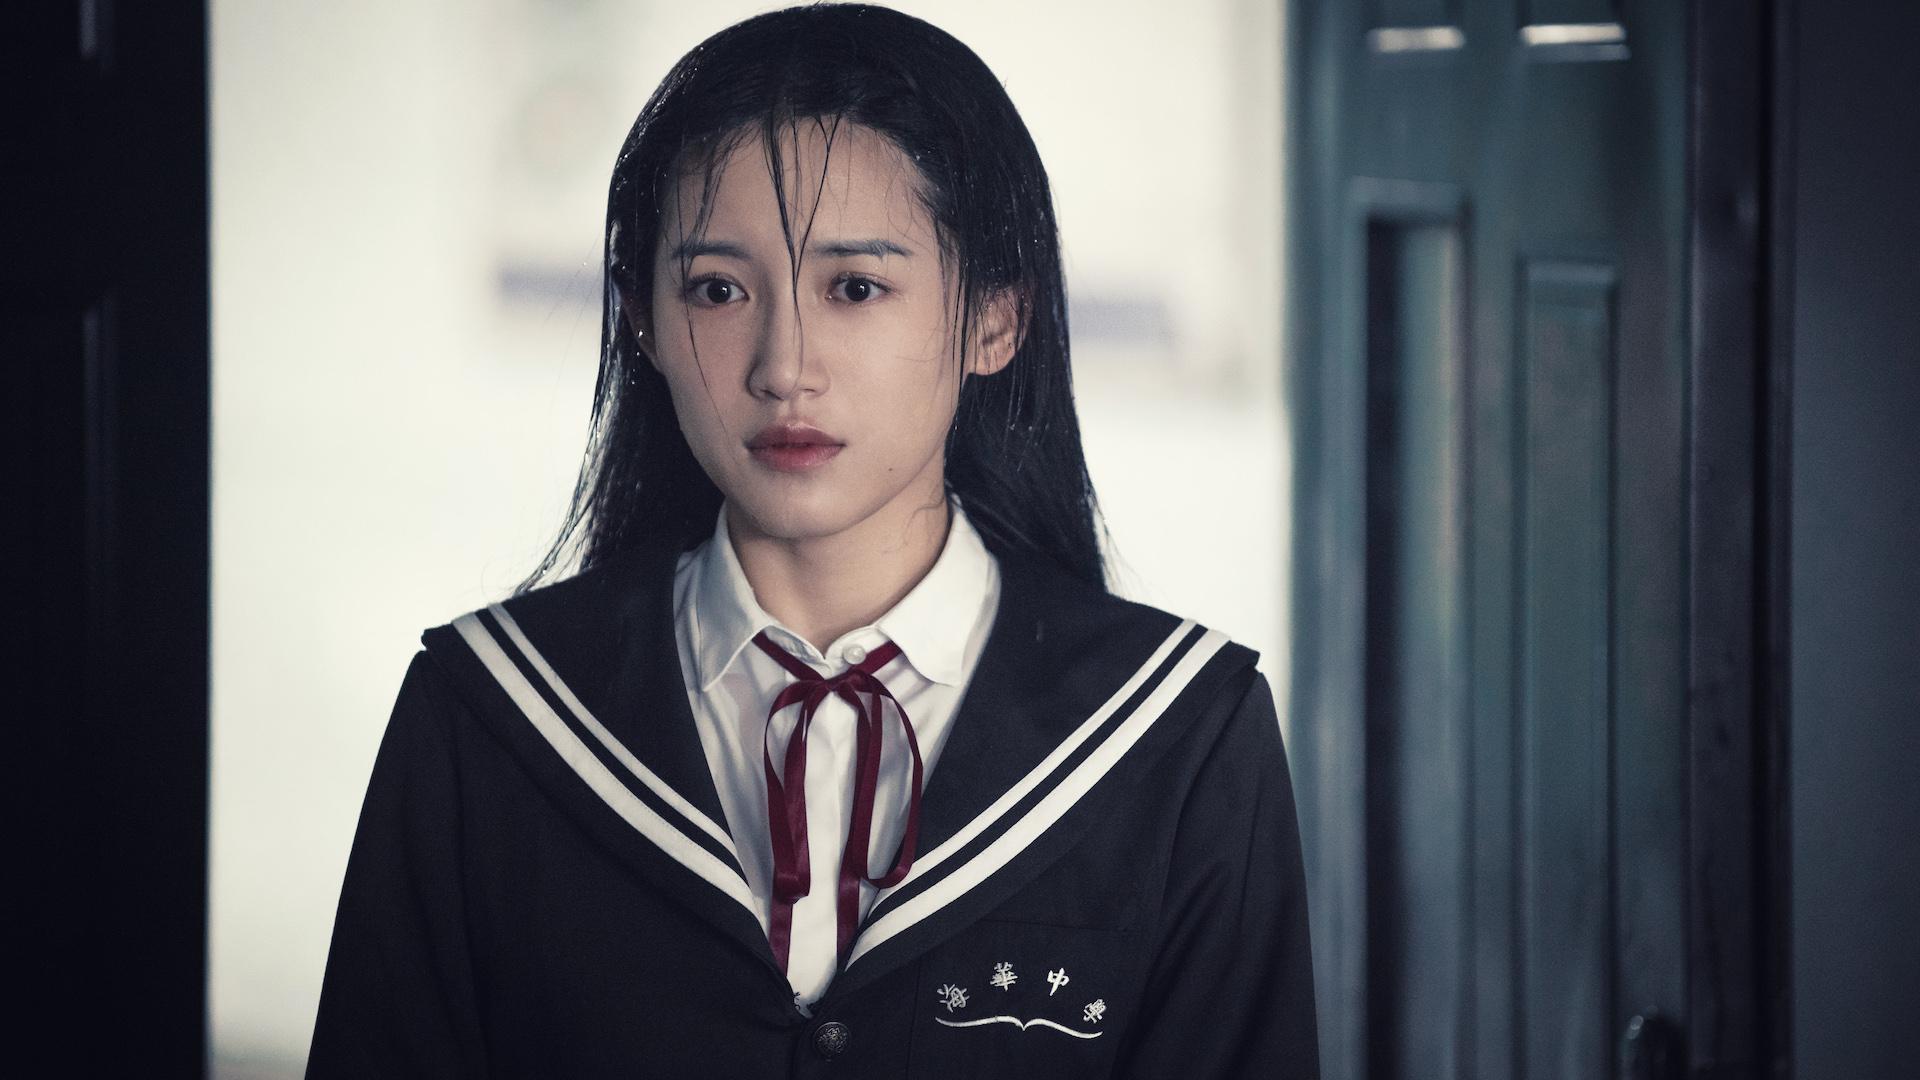 《刺》热播 苏青演技炸裂绝地反击 校园霸凌受关注